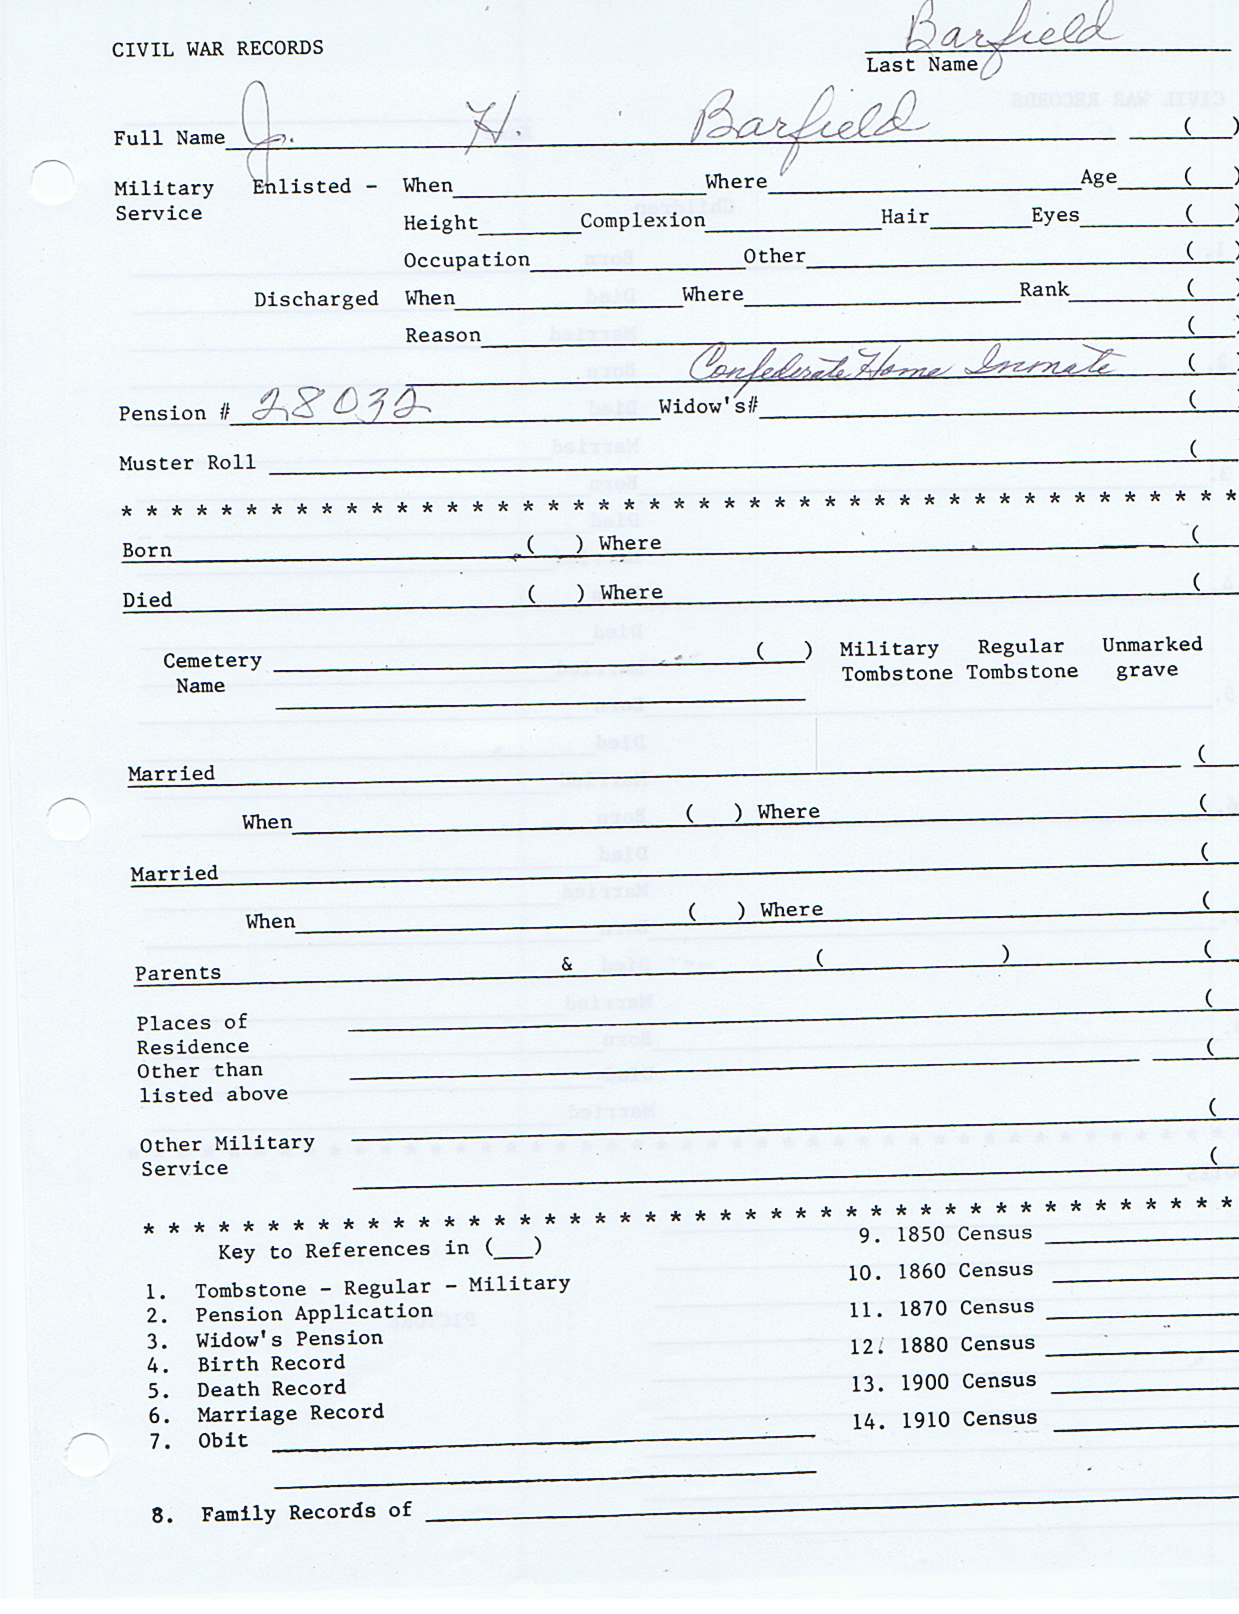 barfield-kaufman_civil_war_records-3494